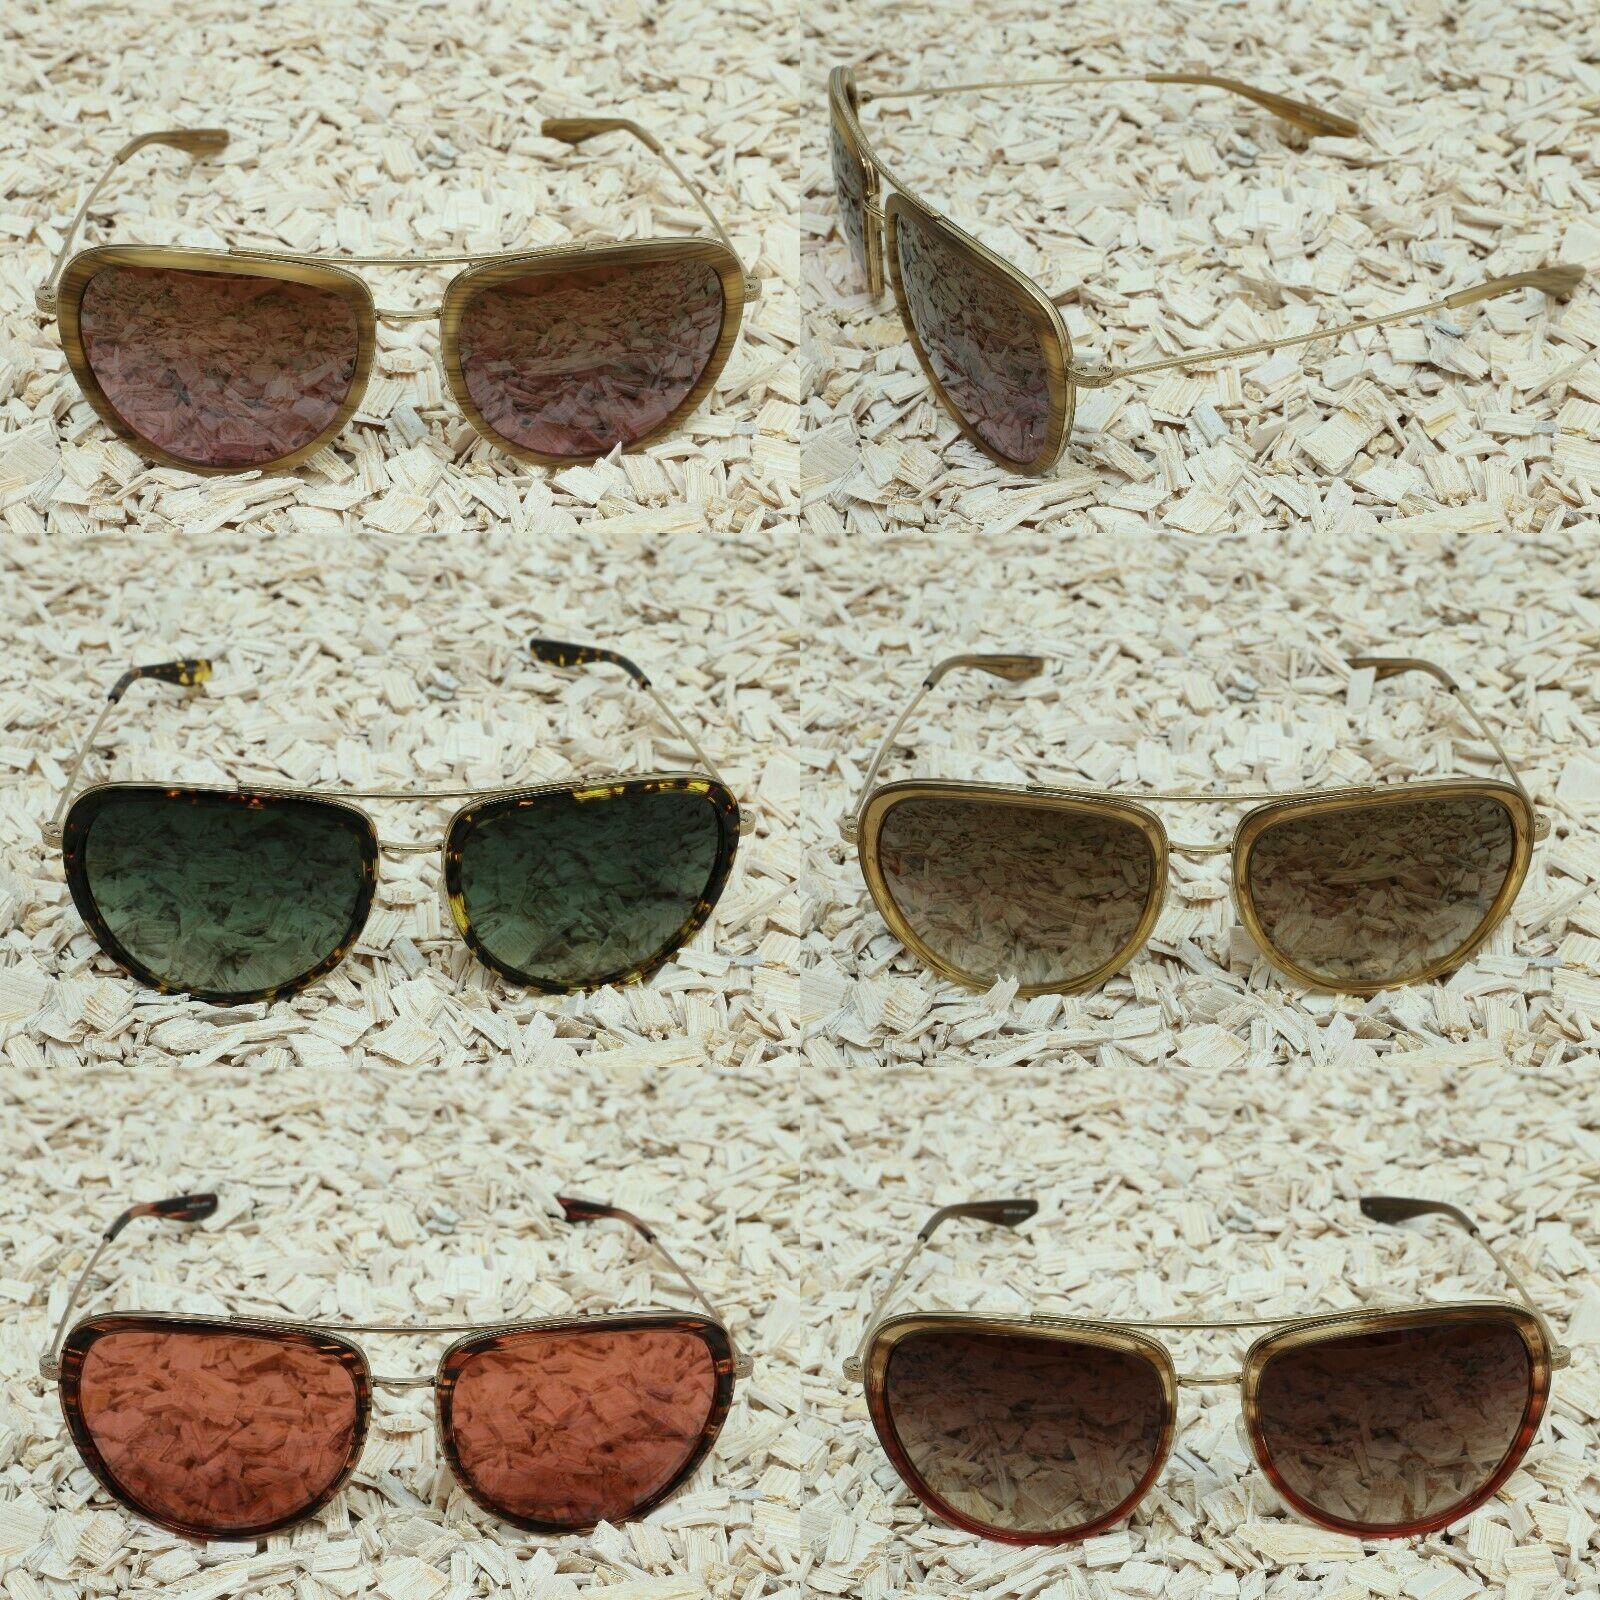 Original BARTON PERREIRA Sonnenbrille Model RIO 56 Farbvarianten Farbvarianten Farbvarianten     Starker Wert    Der neueste Stil    Outlet Online  e4b06b